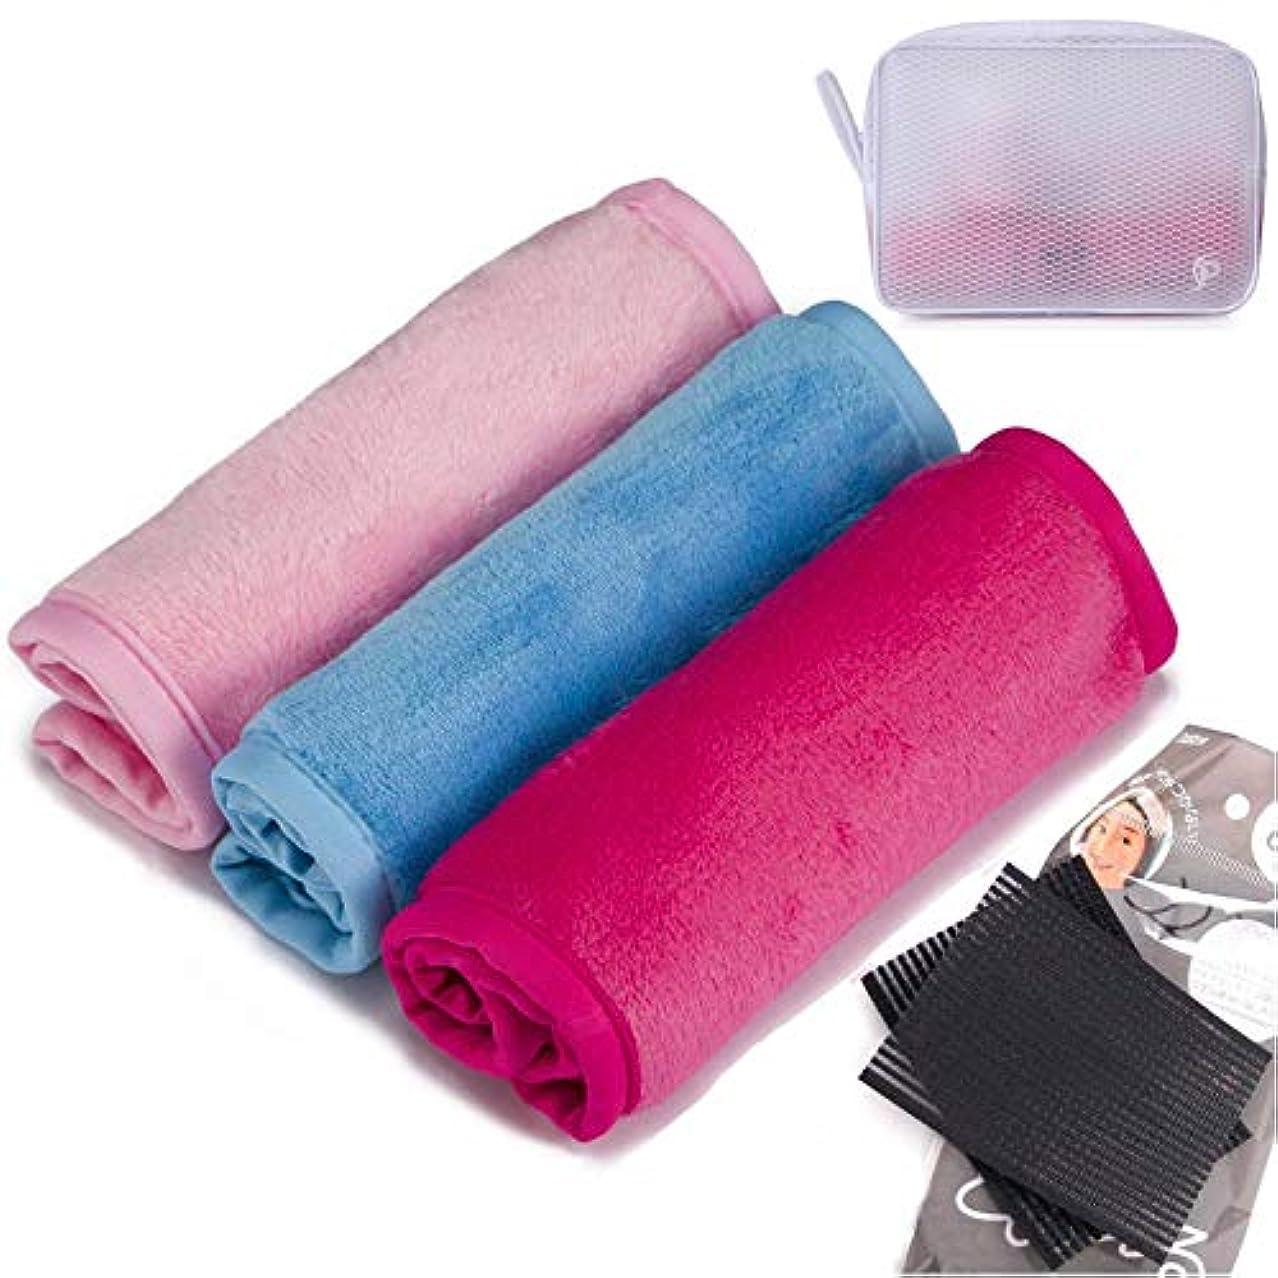 ダウン組立外科医メイク落とし布3枚パック - 水だけで落とせるのでケミカルフリー - 再利用可能な洗顔タオル - 返金保証付き(ピンク1枚+青1枚+ロージー1枚)